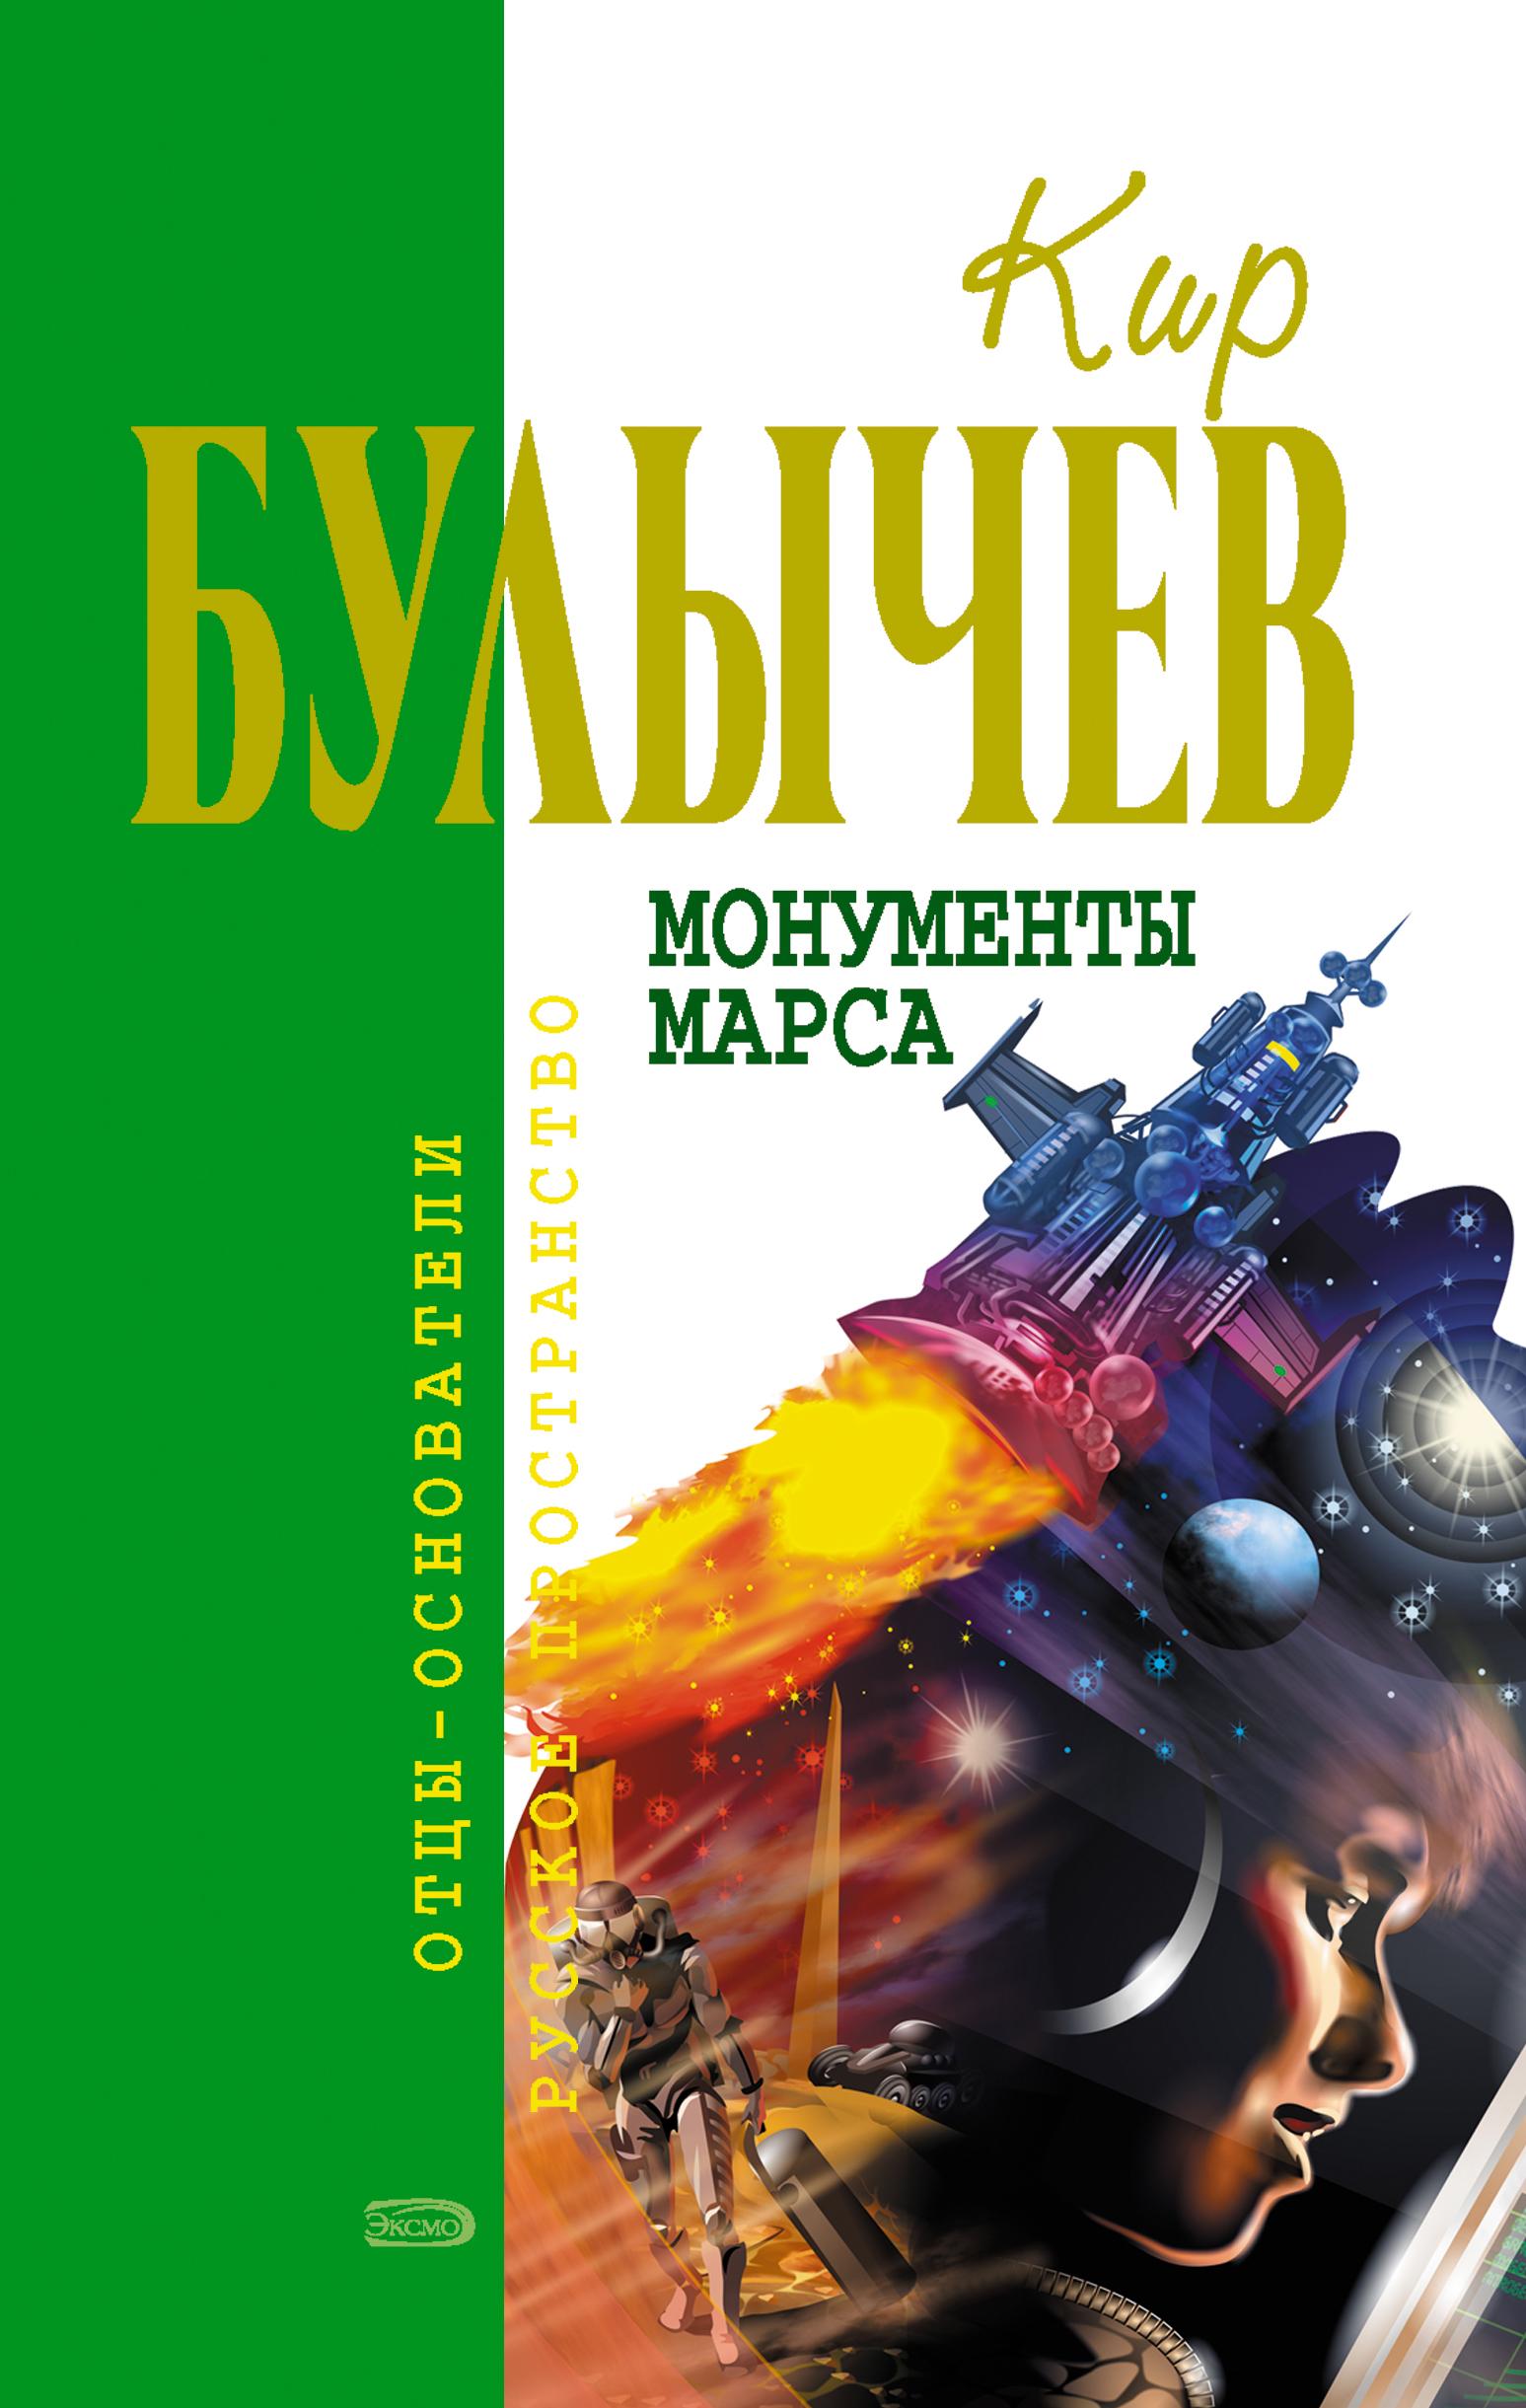 купить Кир Булычев Монументы Марса (сборник) по цене 169 рублей